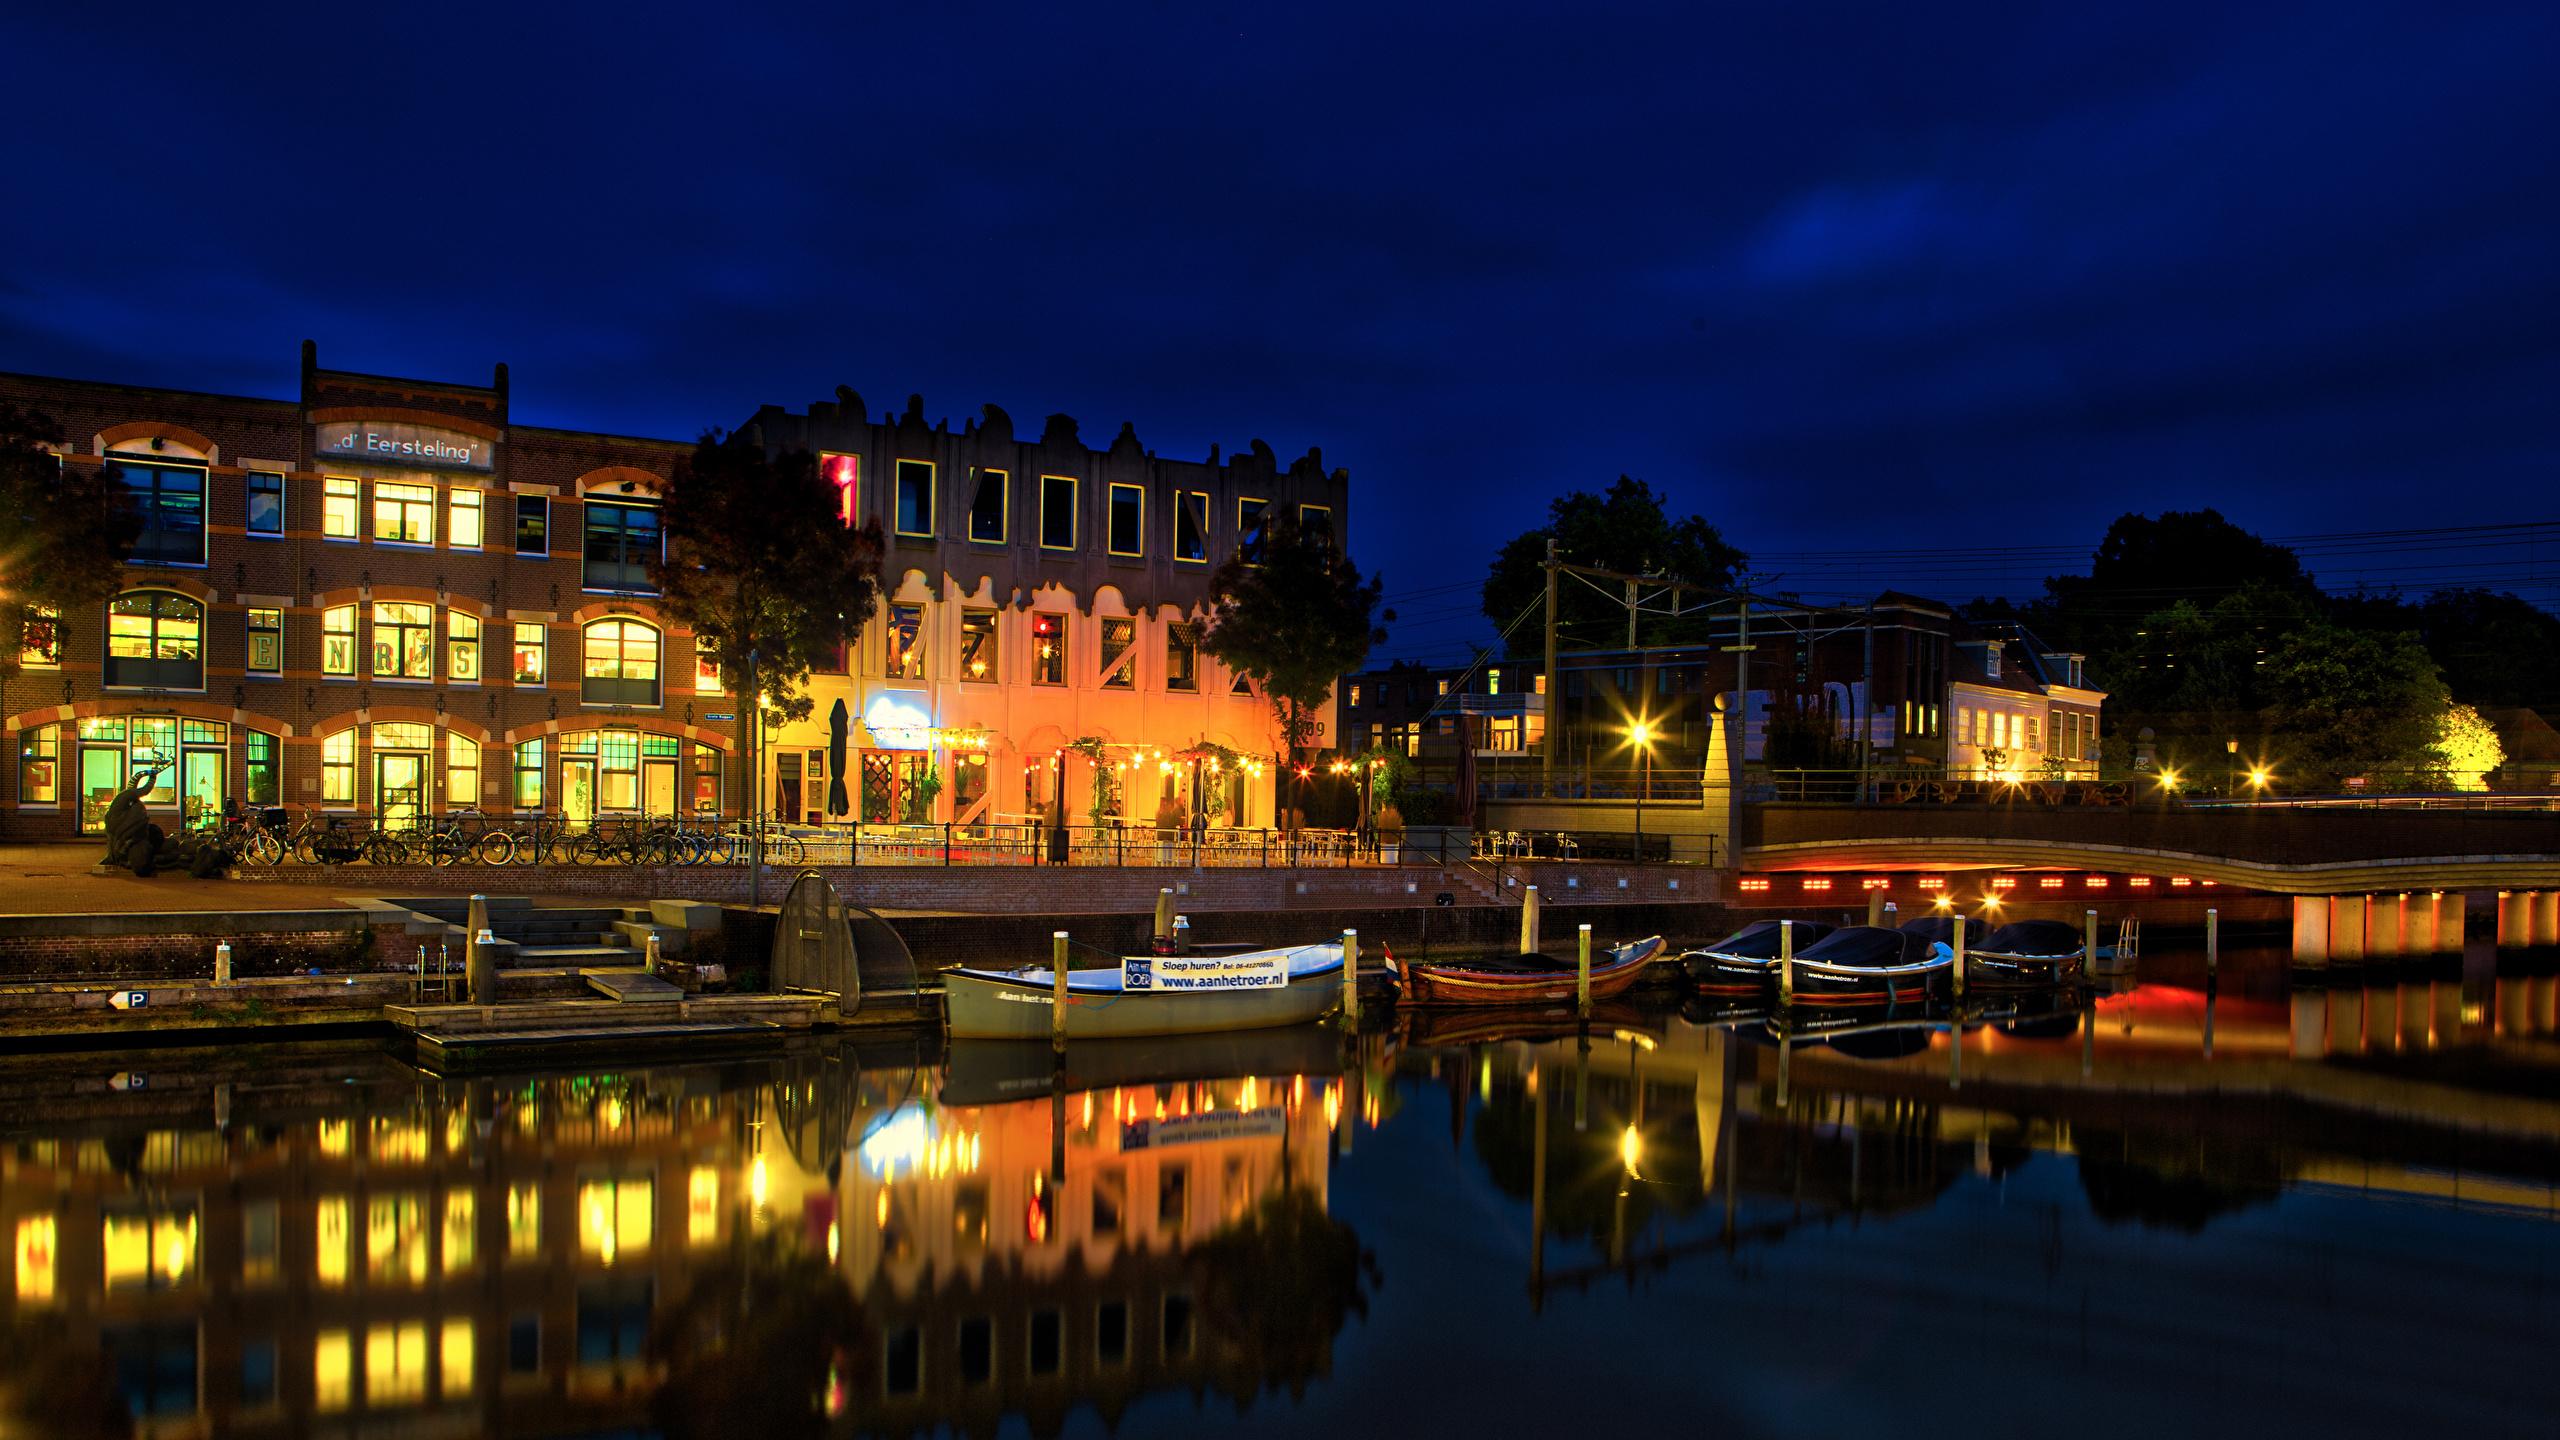 Фото Нидерланды Amersfoort canals Водный канал ночью Лодки Причалы Уличные фонари Дома город 2560x1440 голландия Ночь Пирсы в ночи Ночные Пристань Города Здания